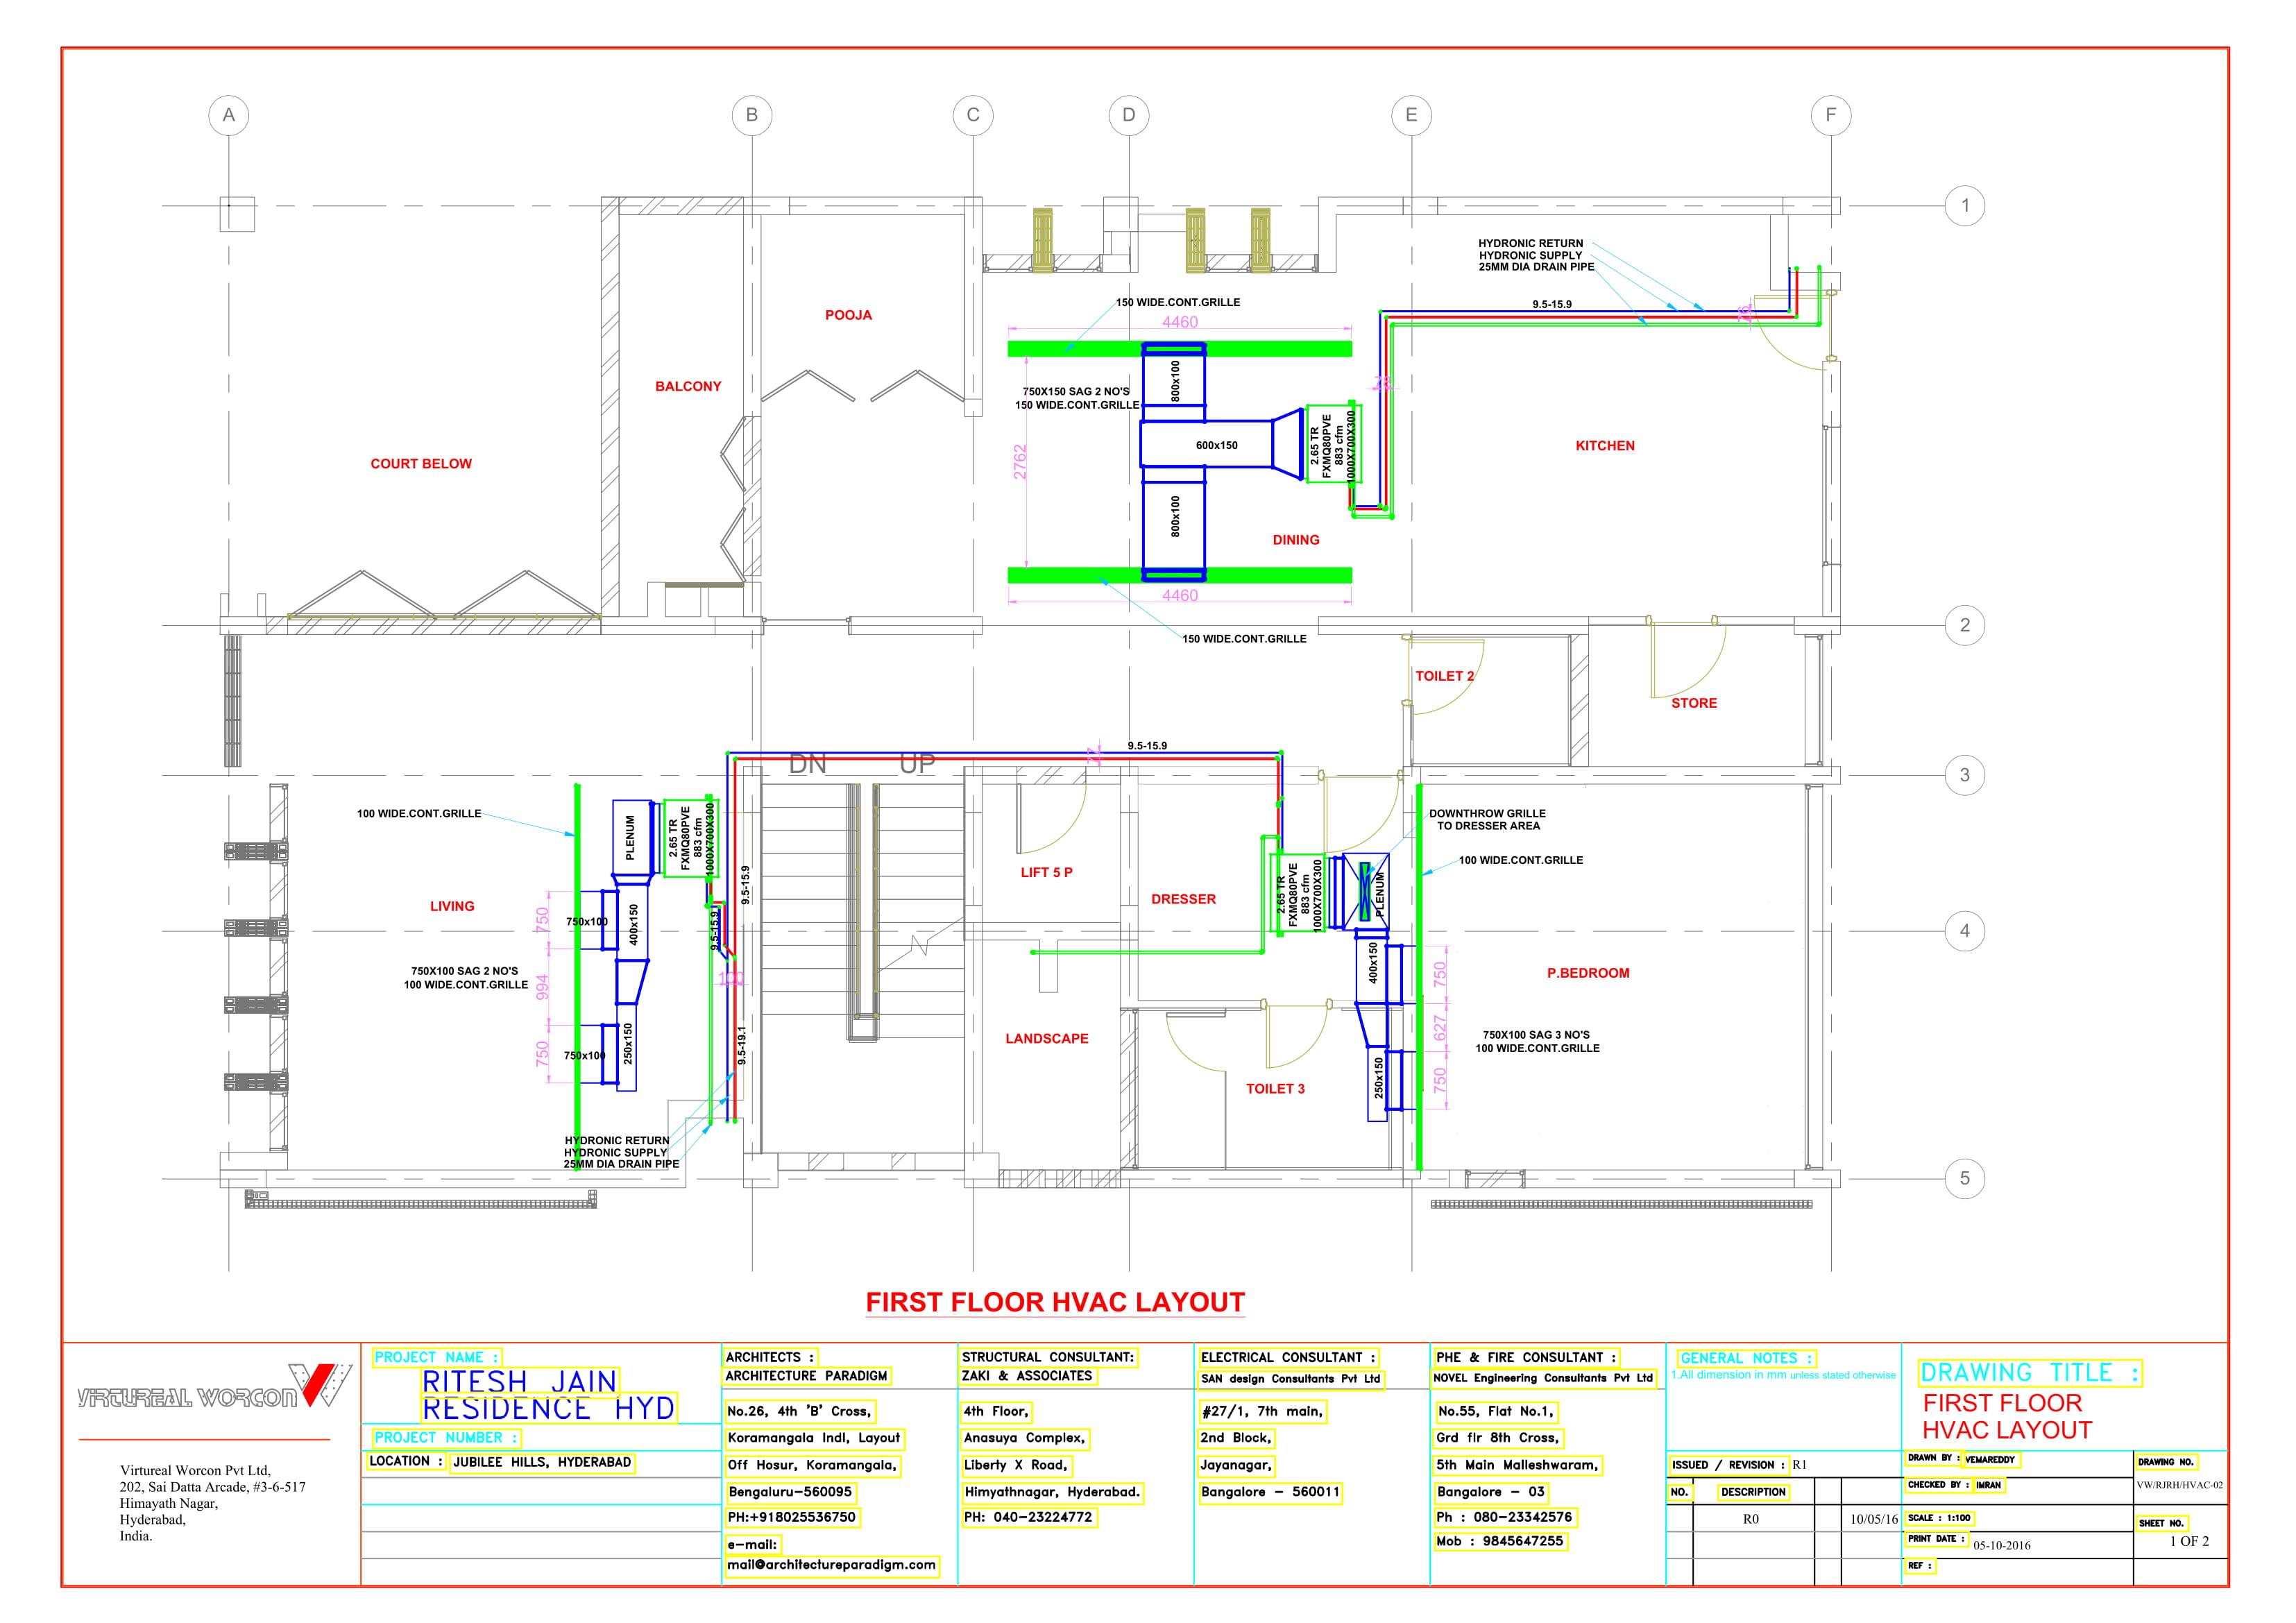 Virtureal Worcon Hvac Drawing Sample Plan